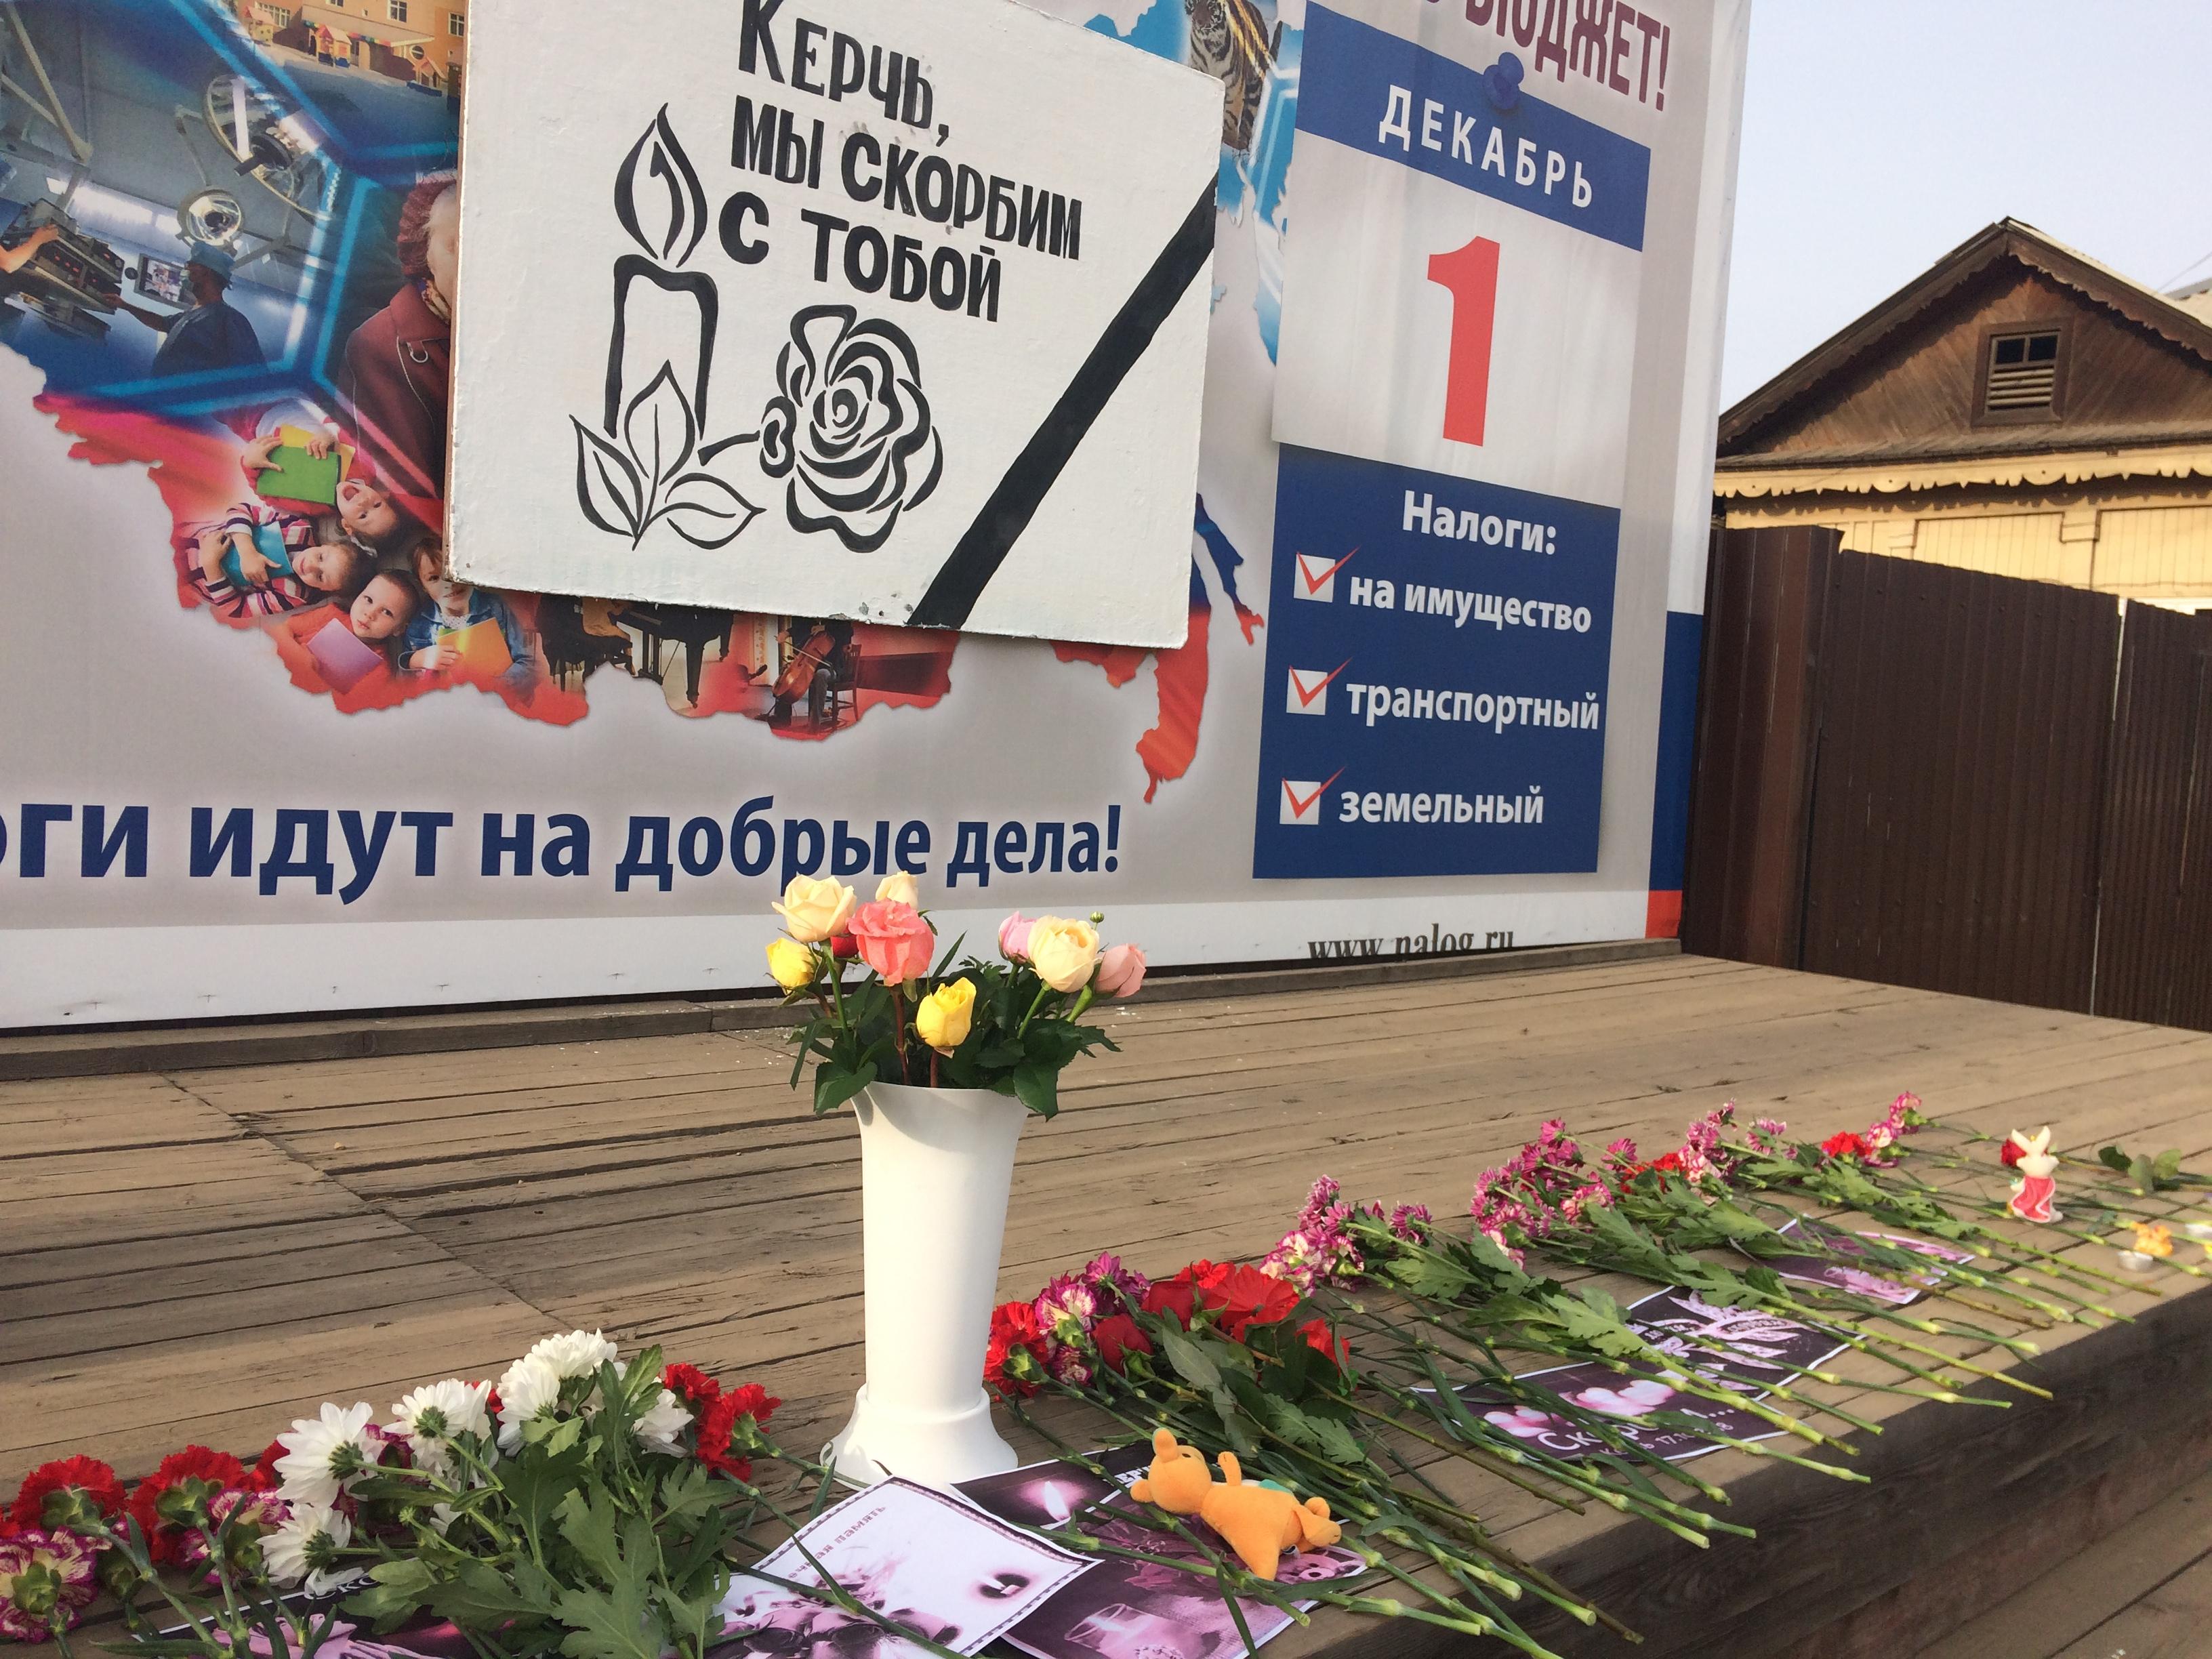 Траурный митинг в поддержку Керчи прошел в Качугском районе